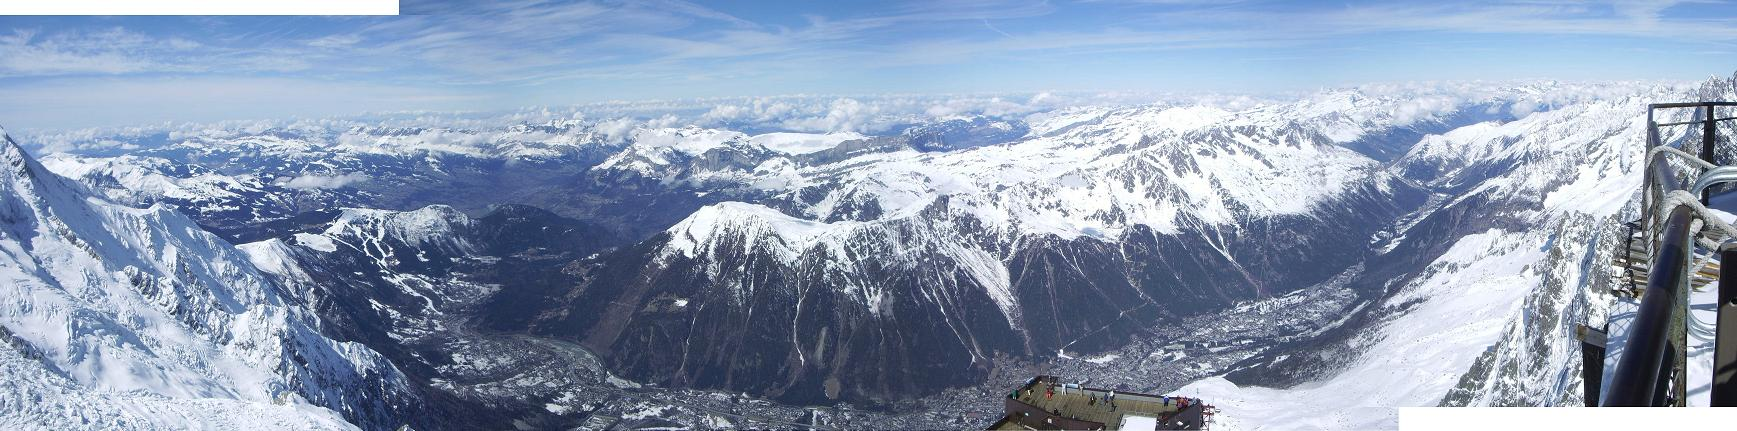 Chamonix_Valley_Panorama